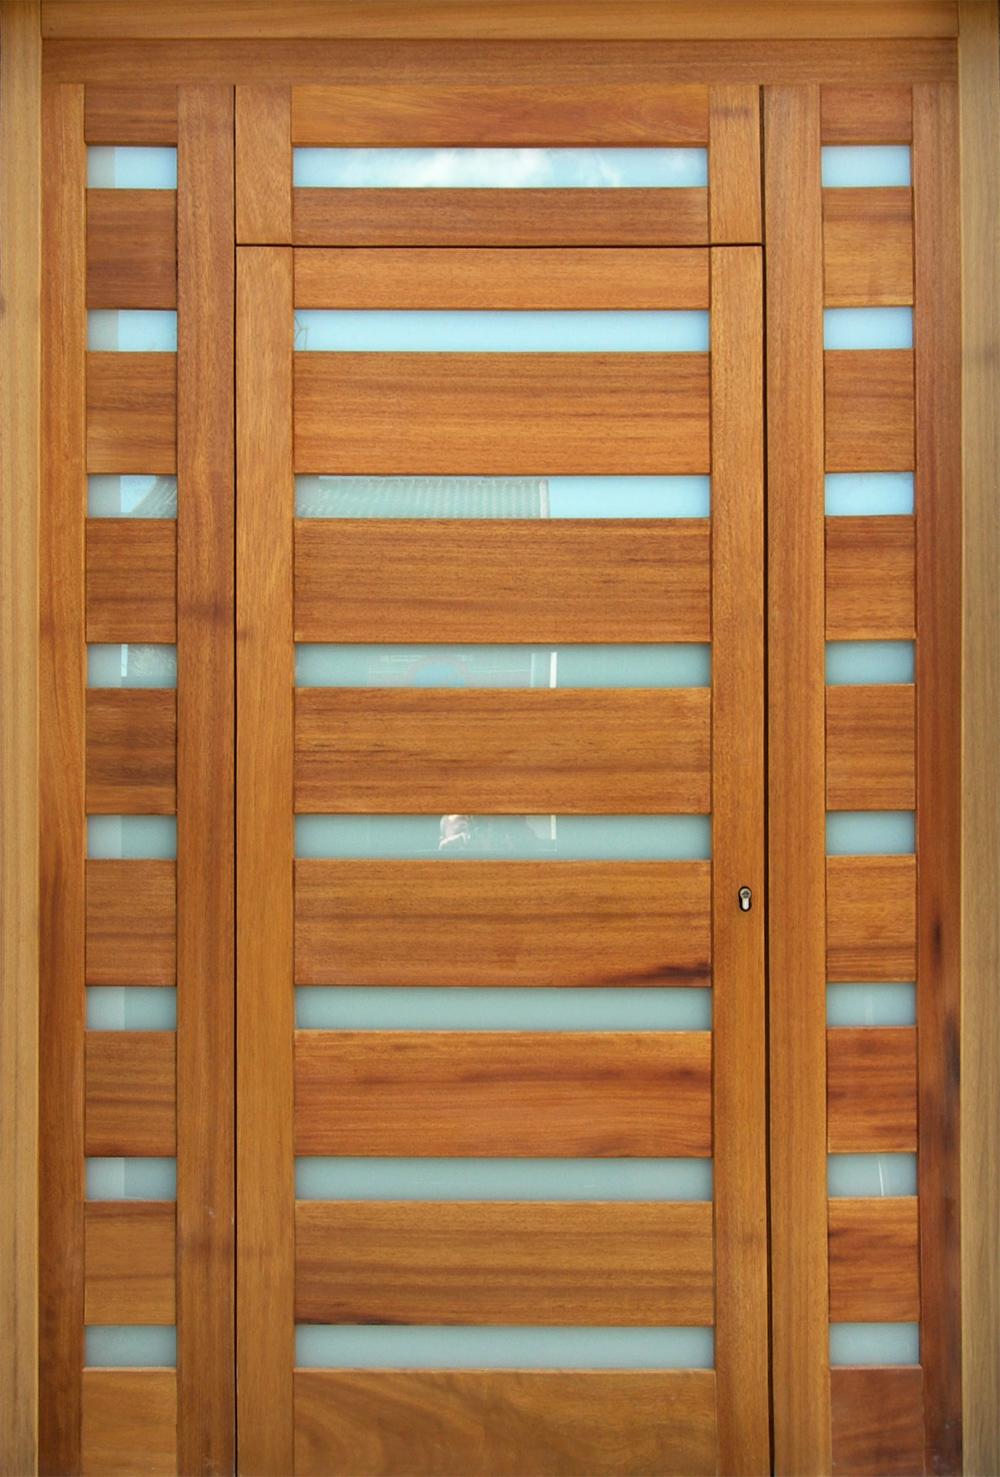 Puertas forjadas joyse puertas forjadas for Puertas en madera para exteriores